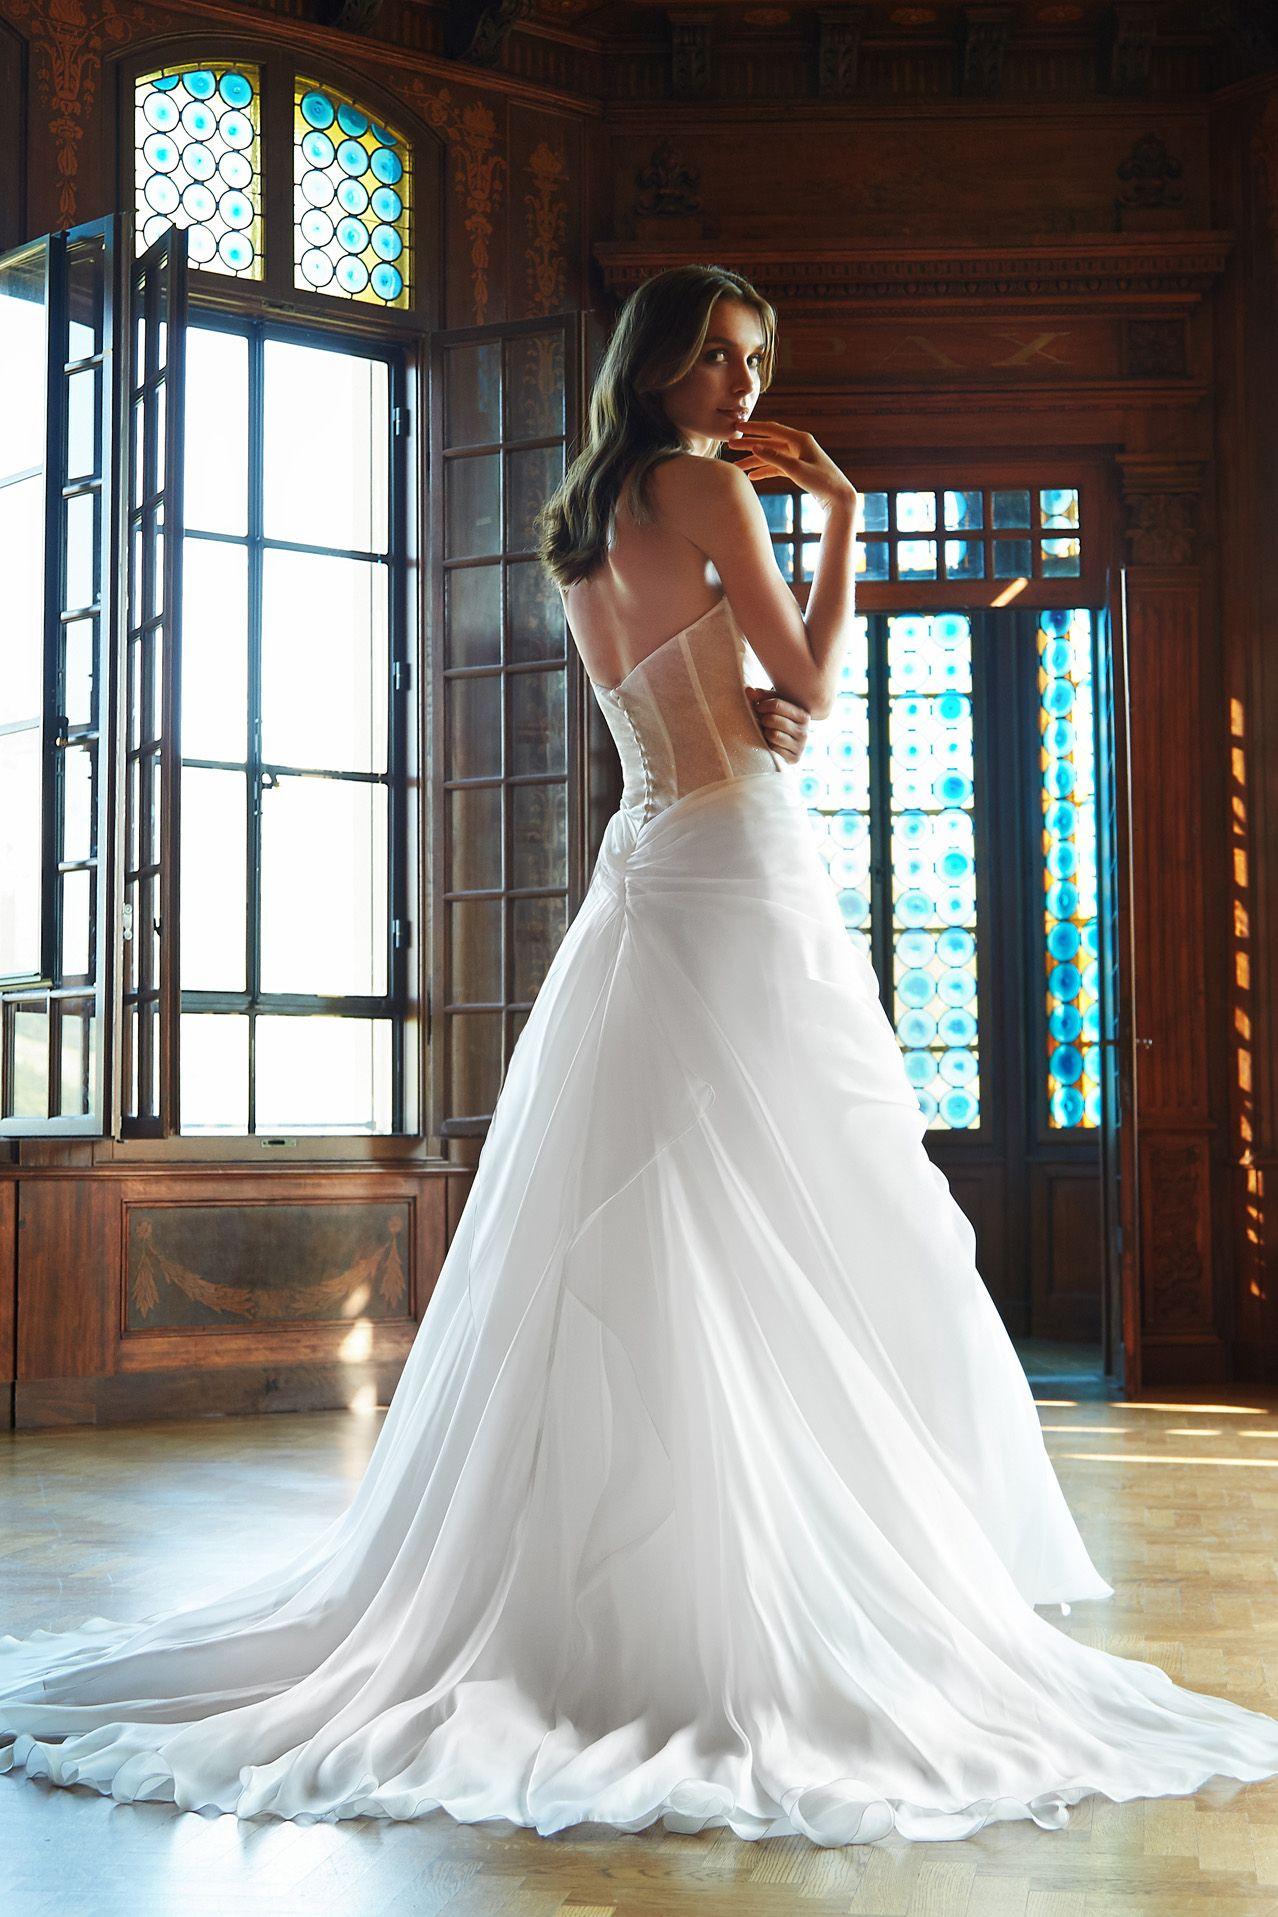 MODELLO SB 1118 Meraviglioso abito da sposa in organza voile di seta pura  drappeggiata con schiena e1e84a0cac9